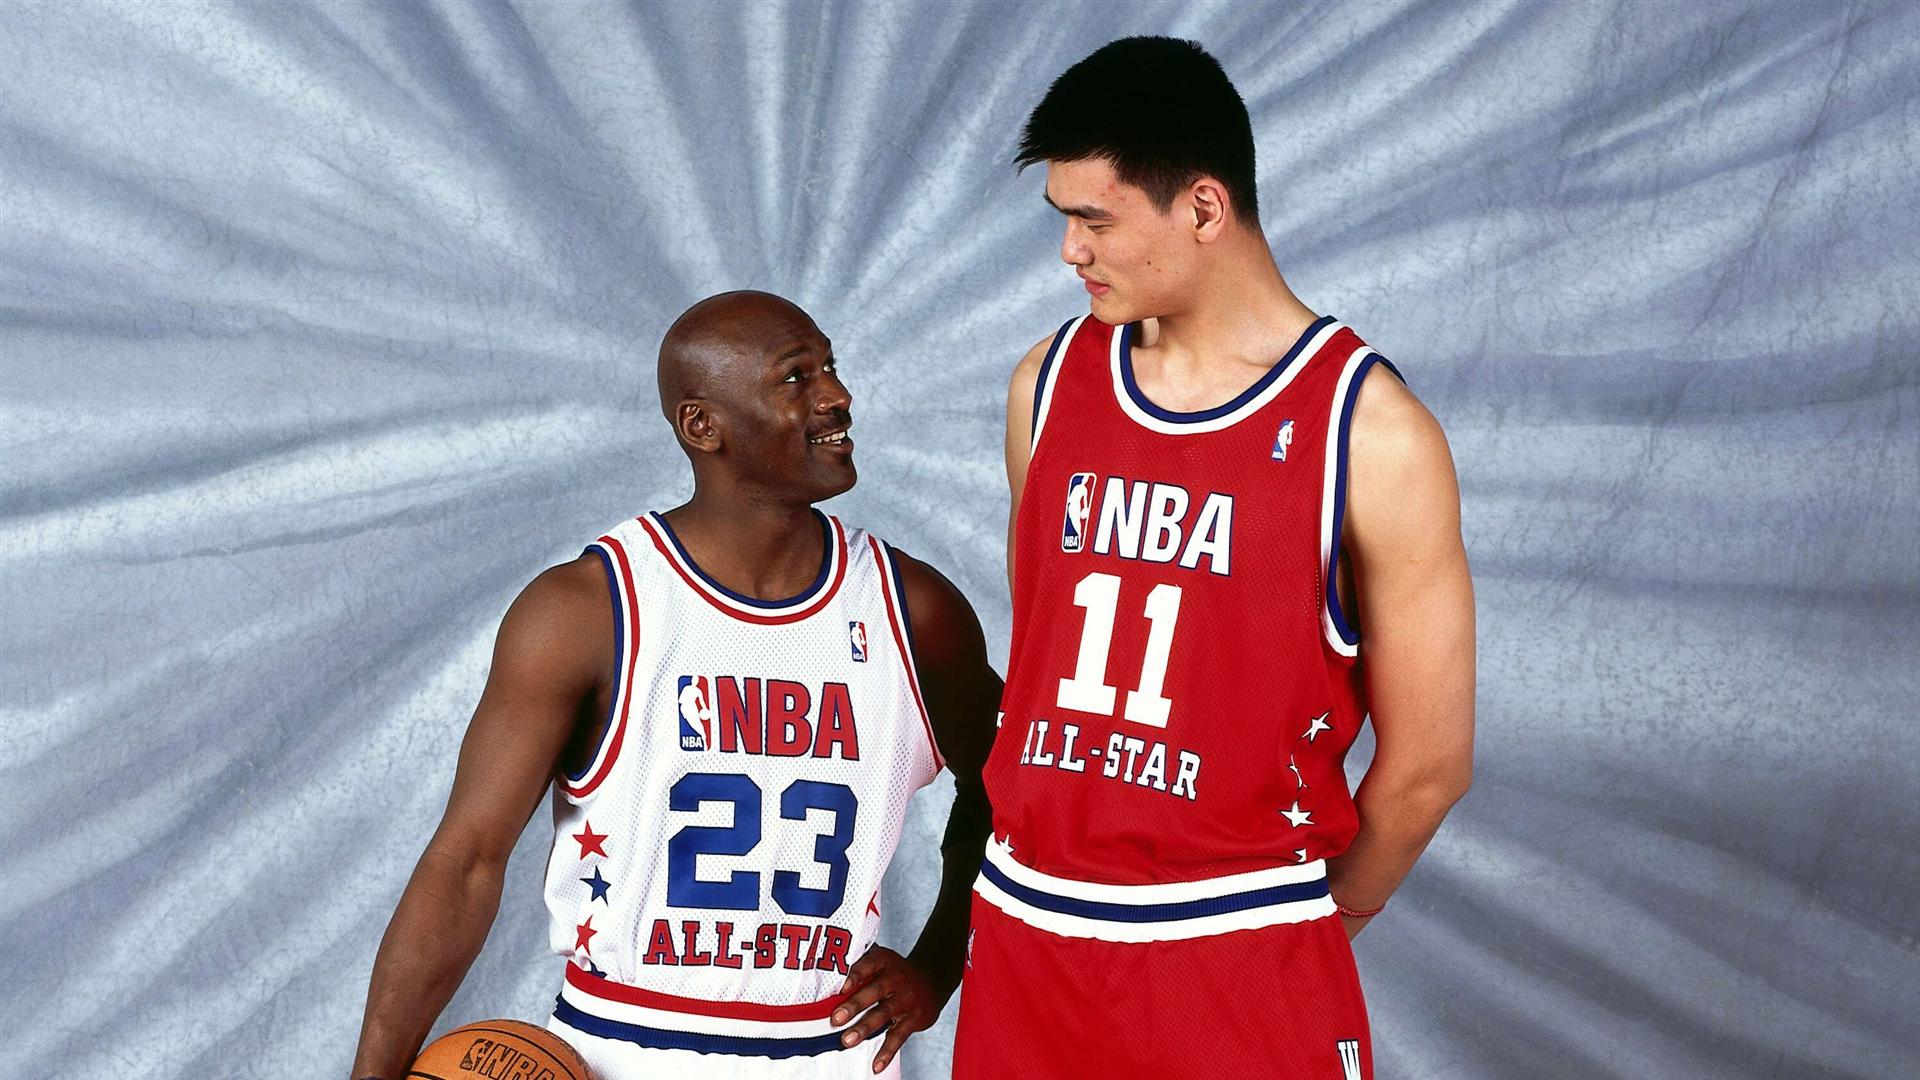 姚明沒資格進NBA名人堂?聽聽這些球星的看法,喬丹的評價最公道!